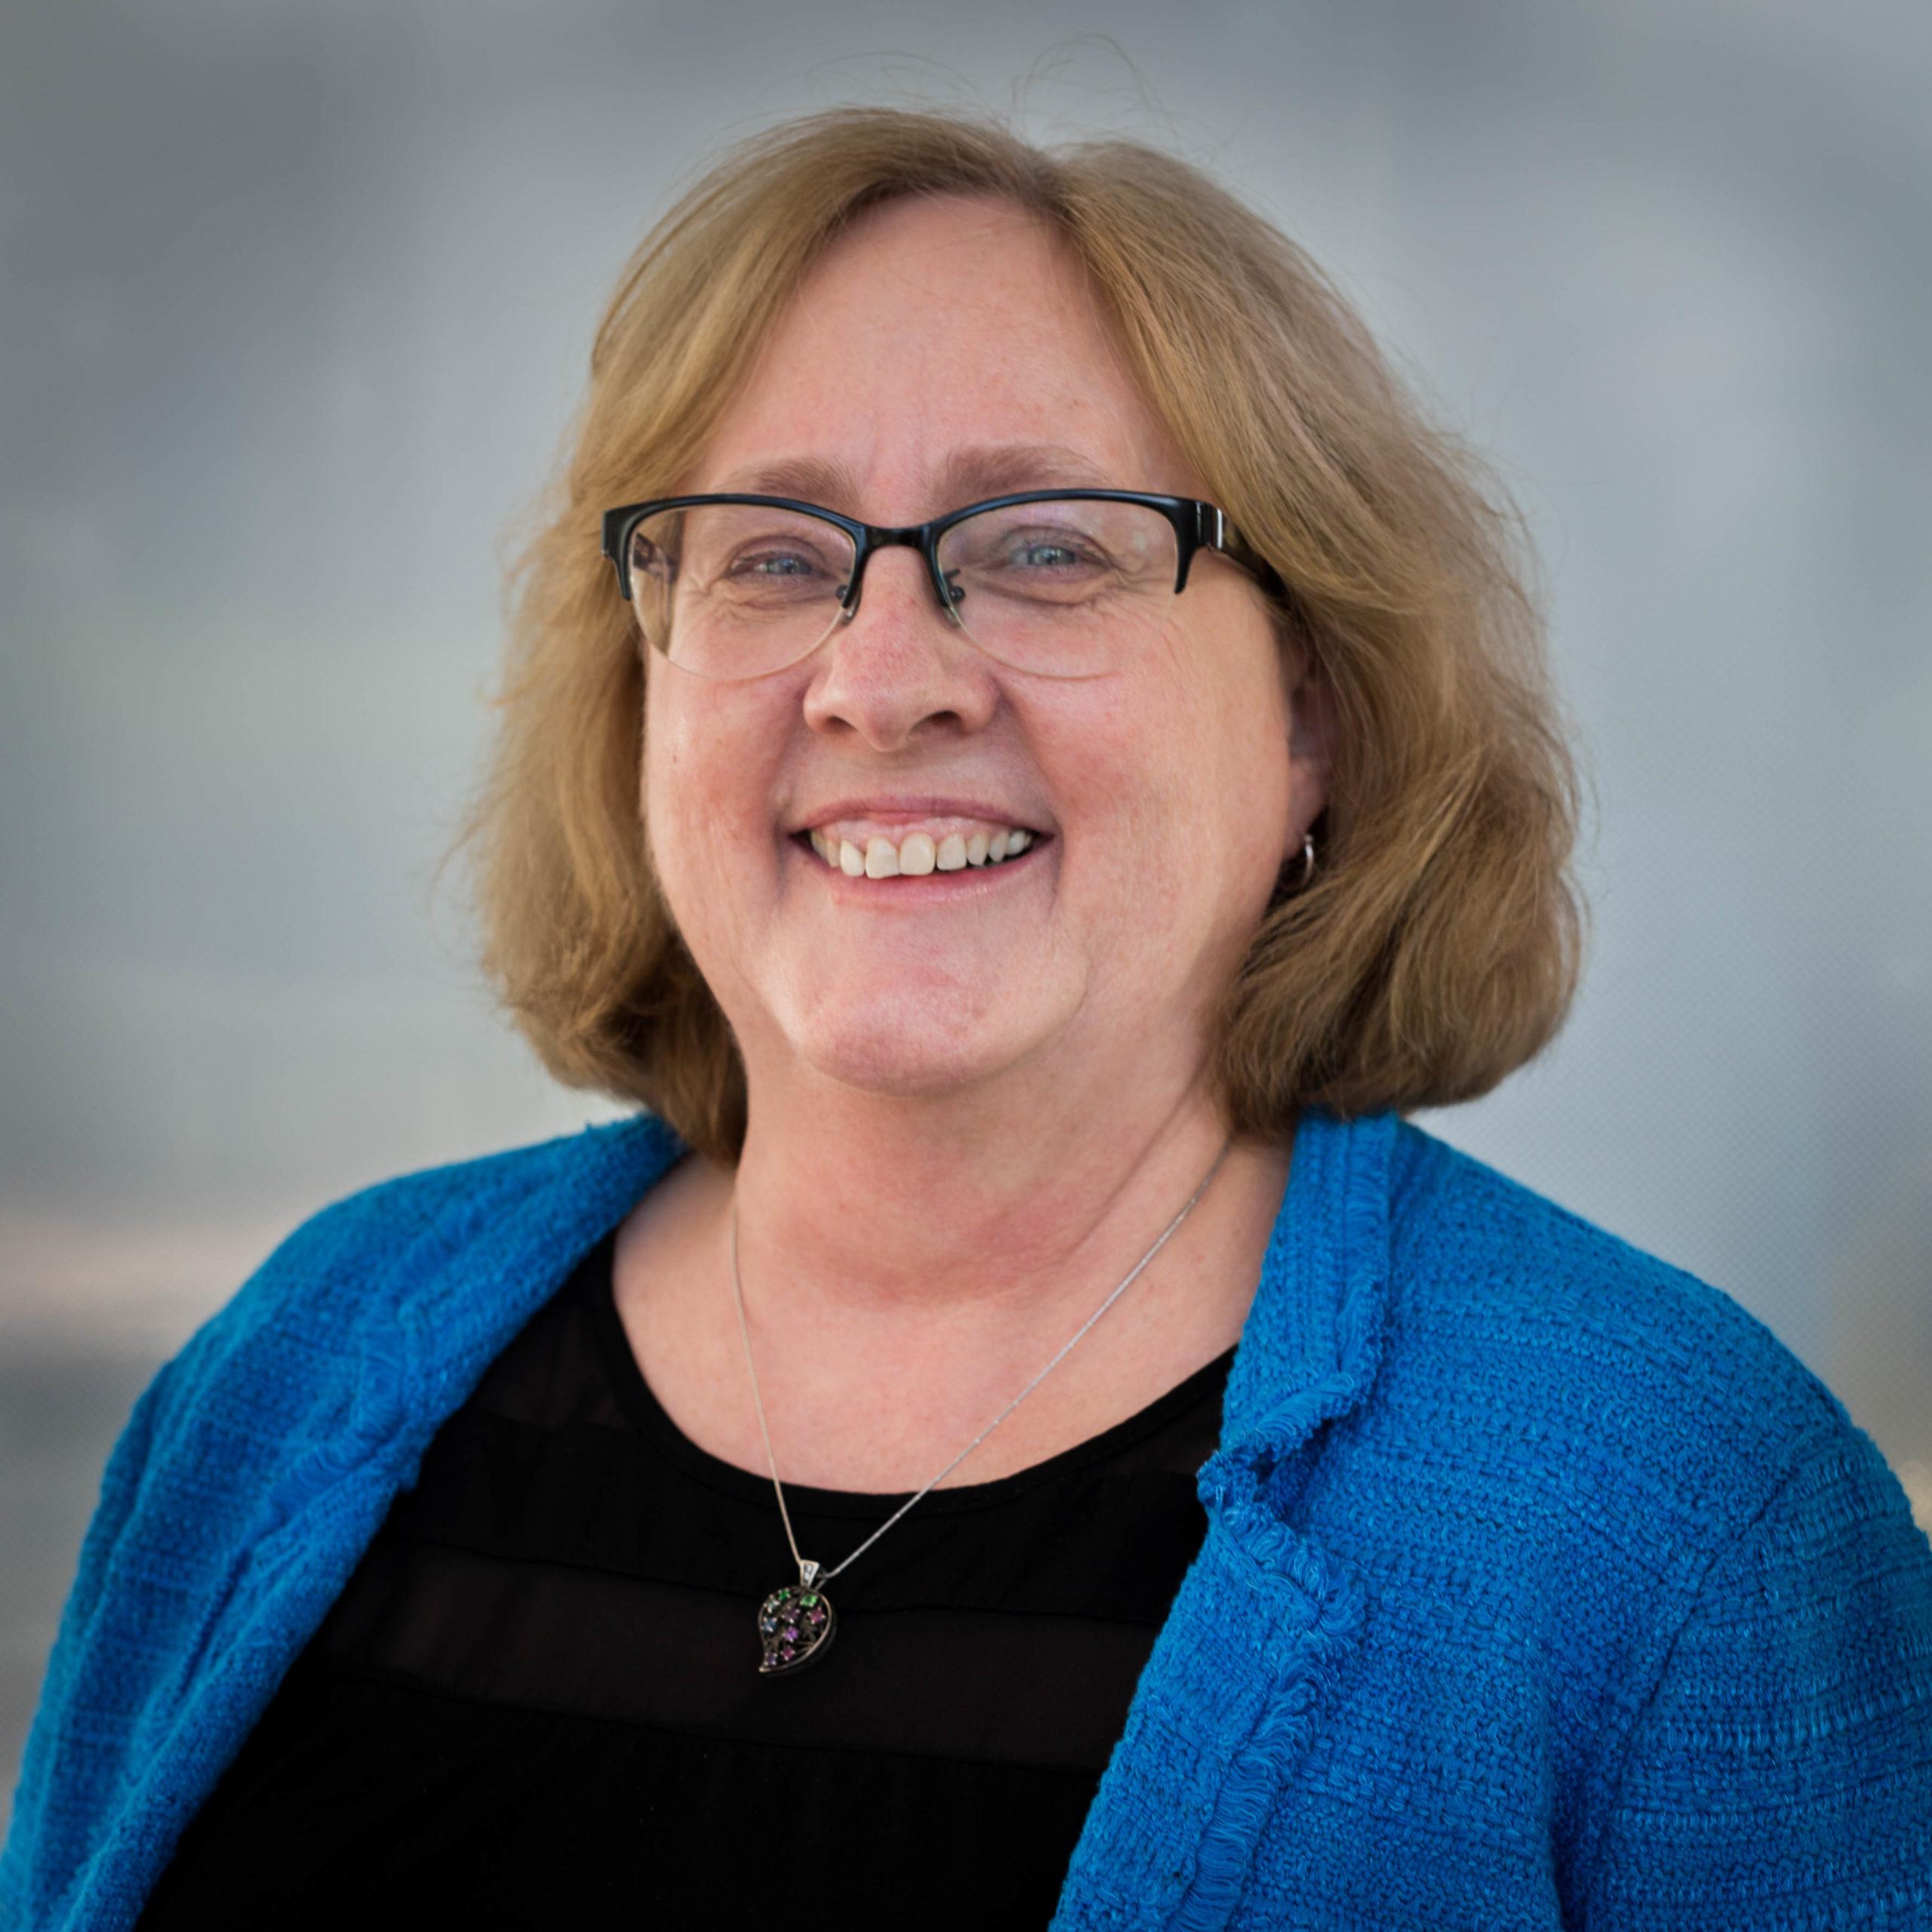 Judy Weishar